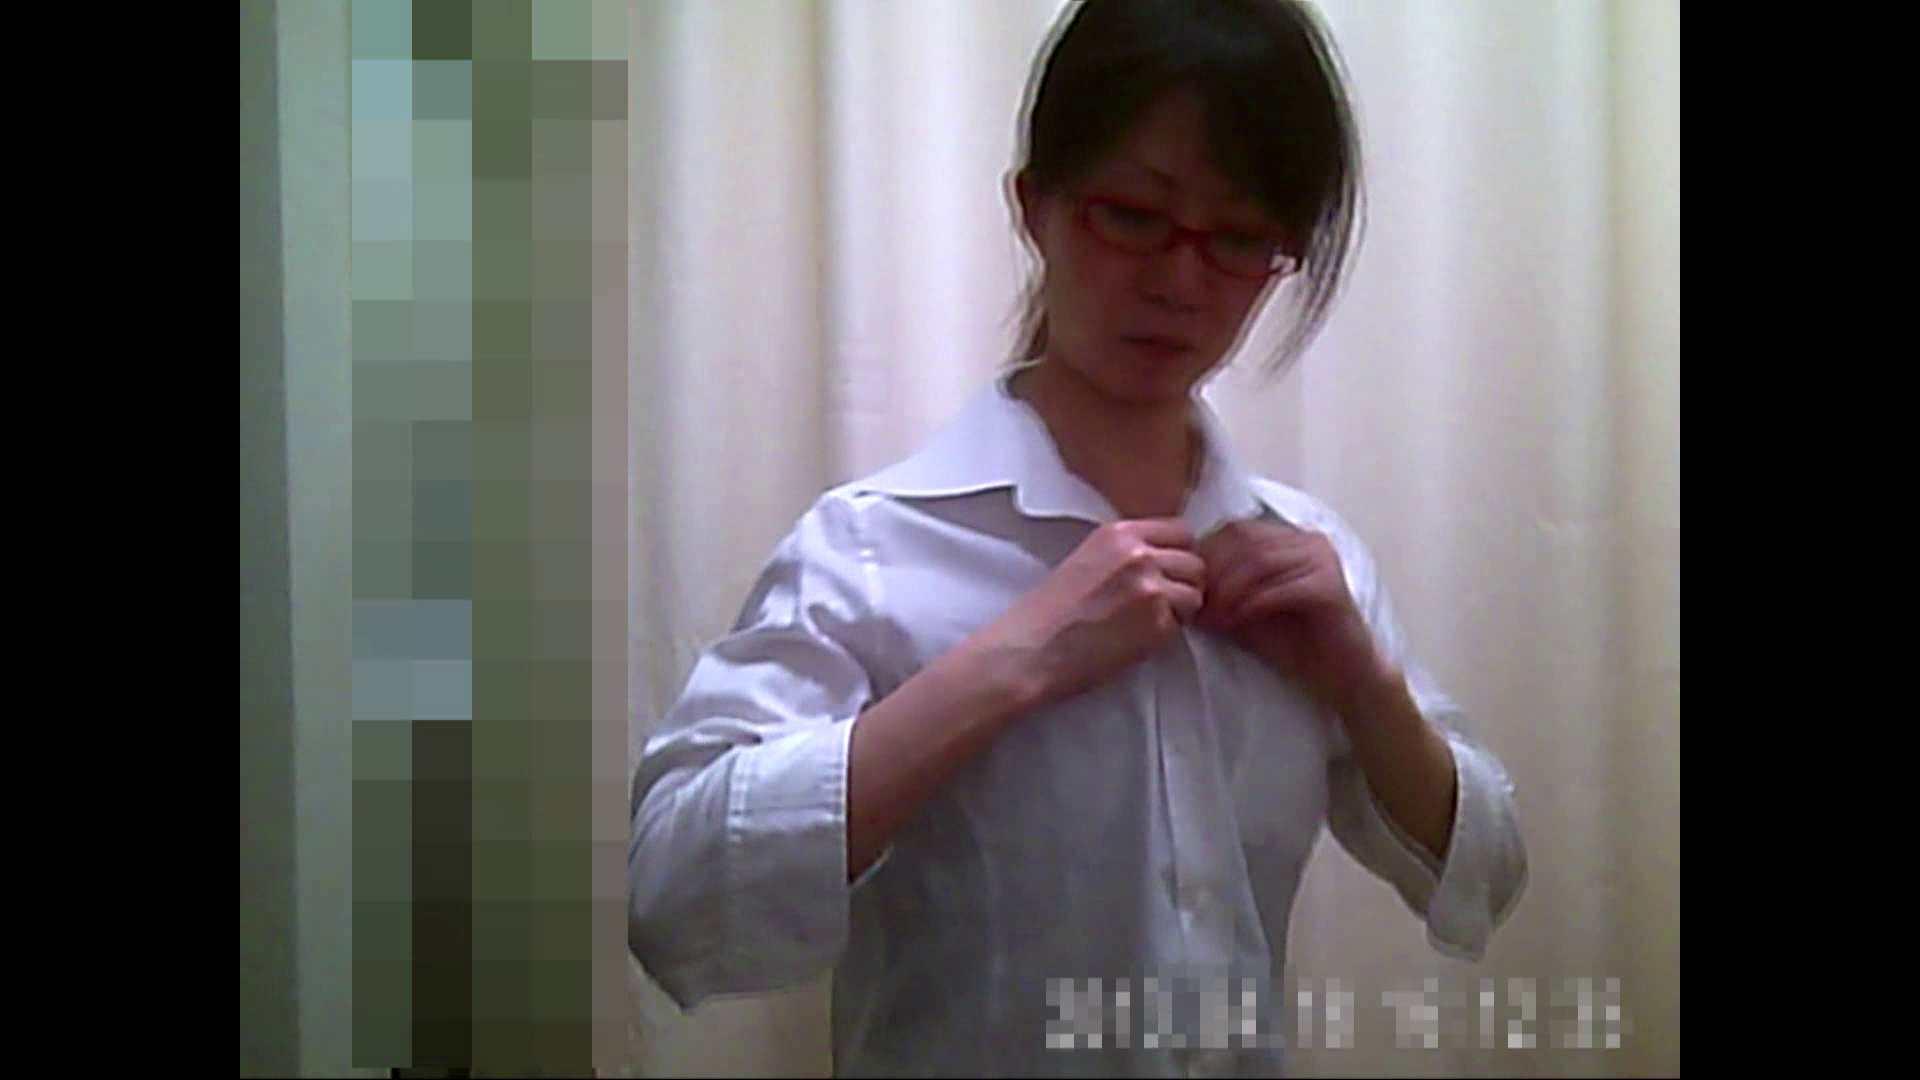 元医者による反抗 更衣室地獄絵巻 vol.092 OLの実態 | 0  88pic 65